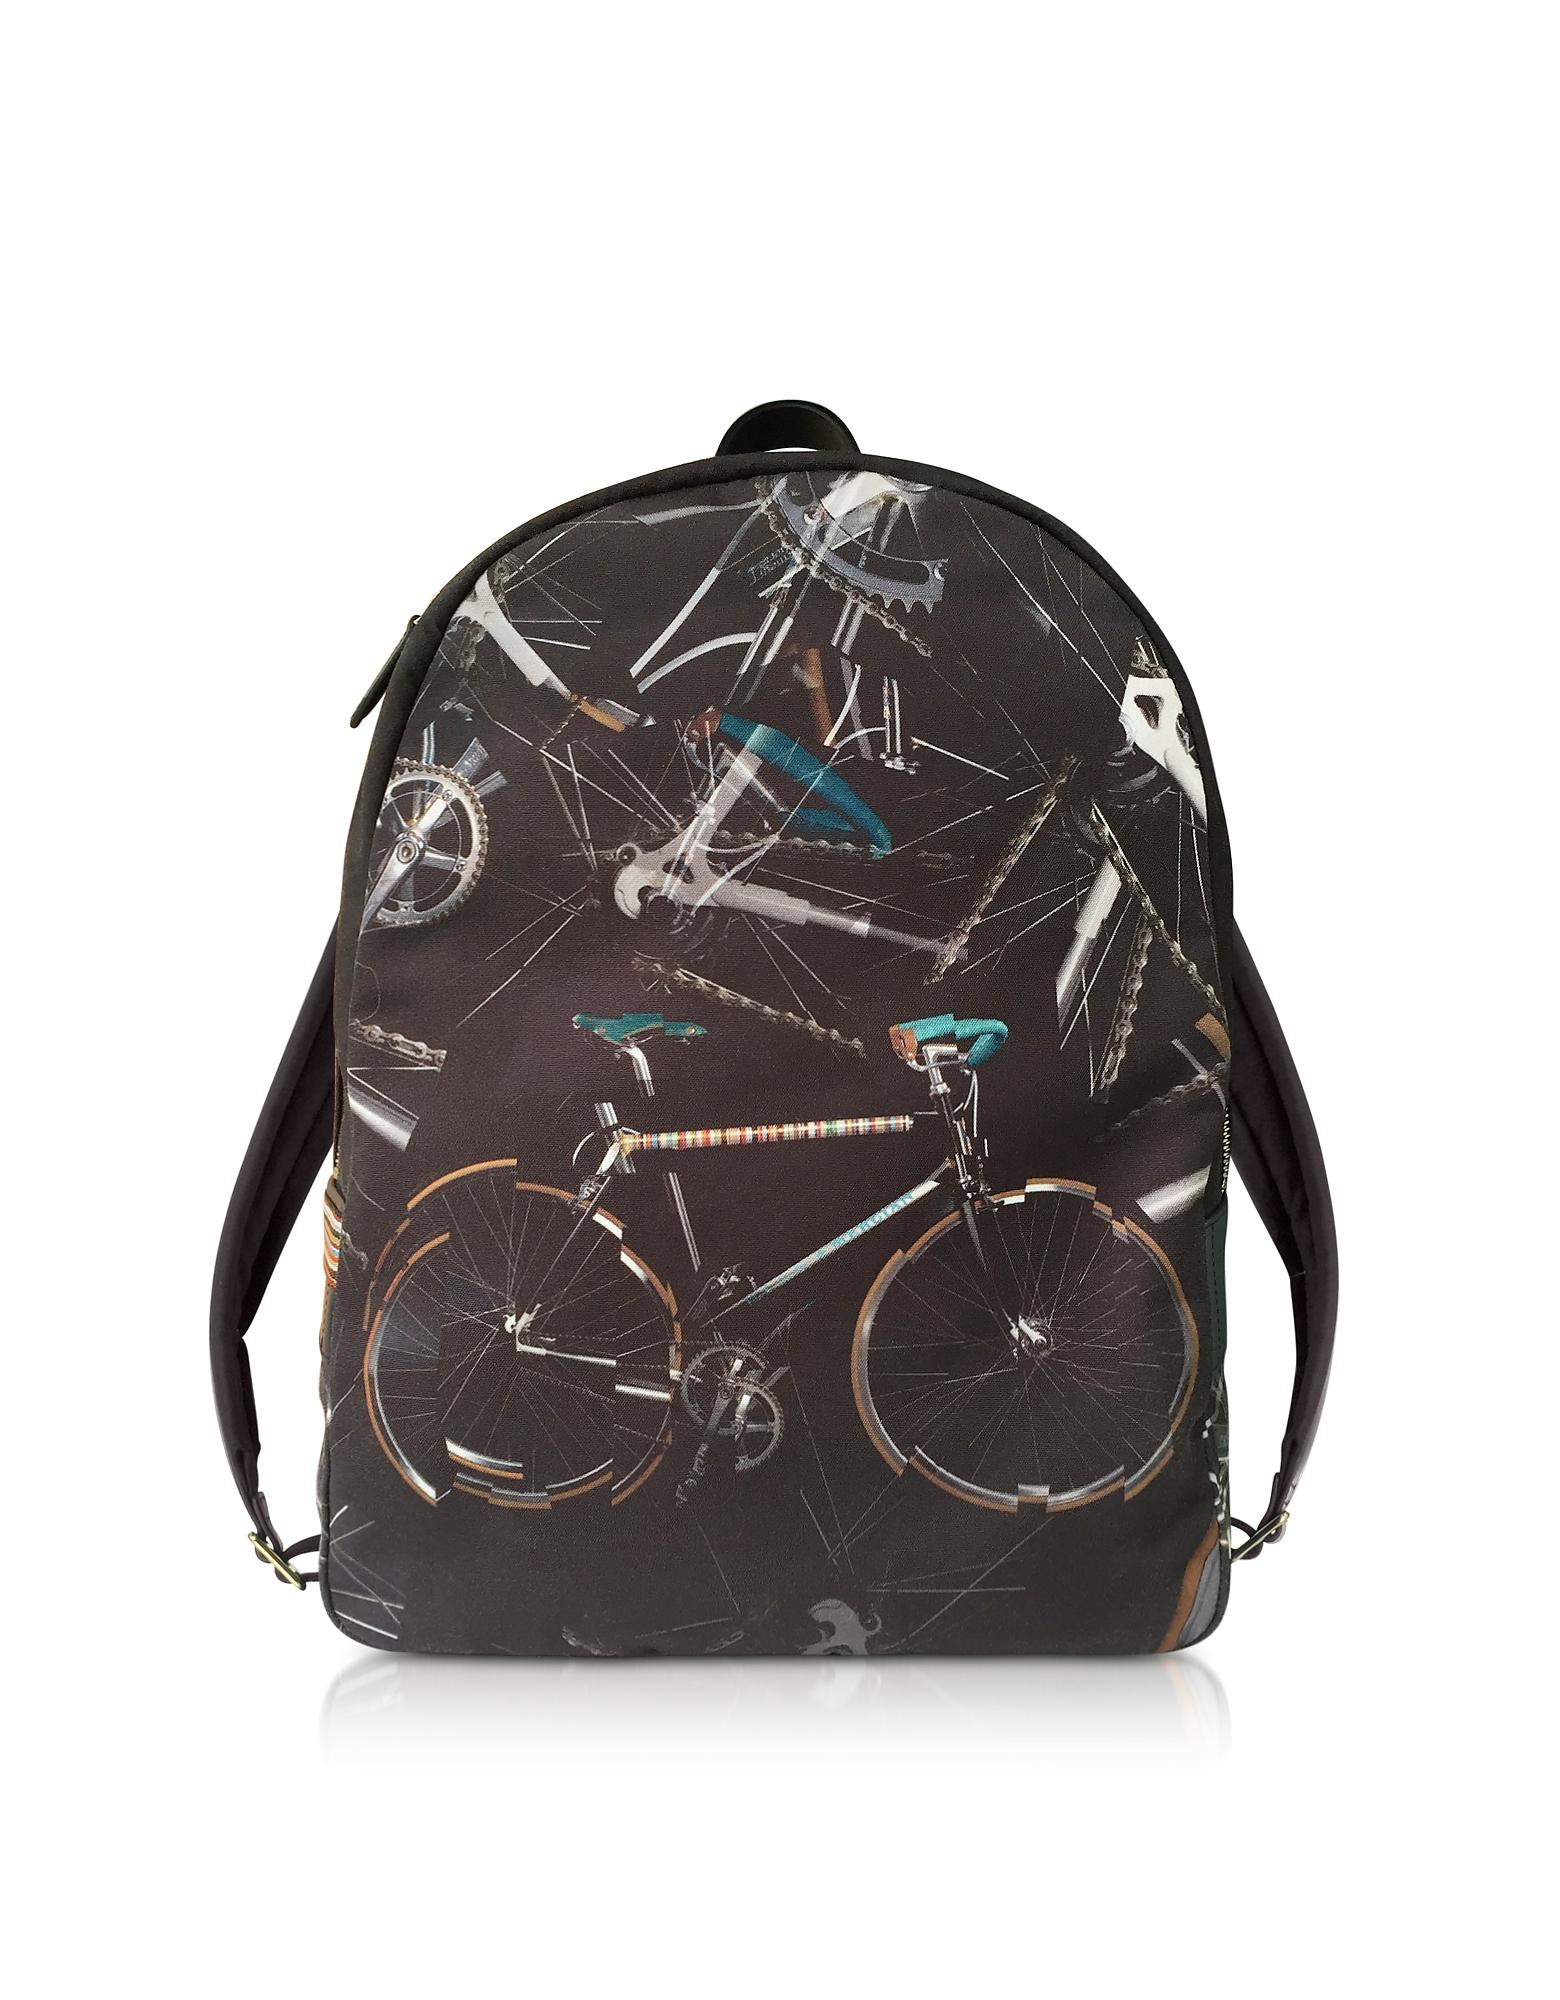 Черный Рюкзак из Ткани с Принтом Велосипедов